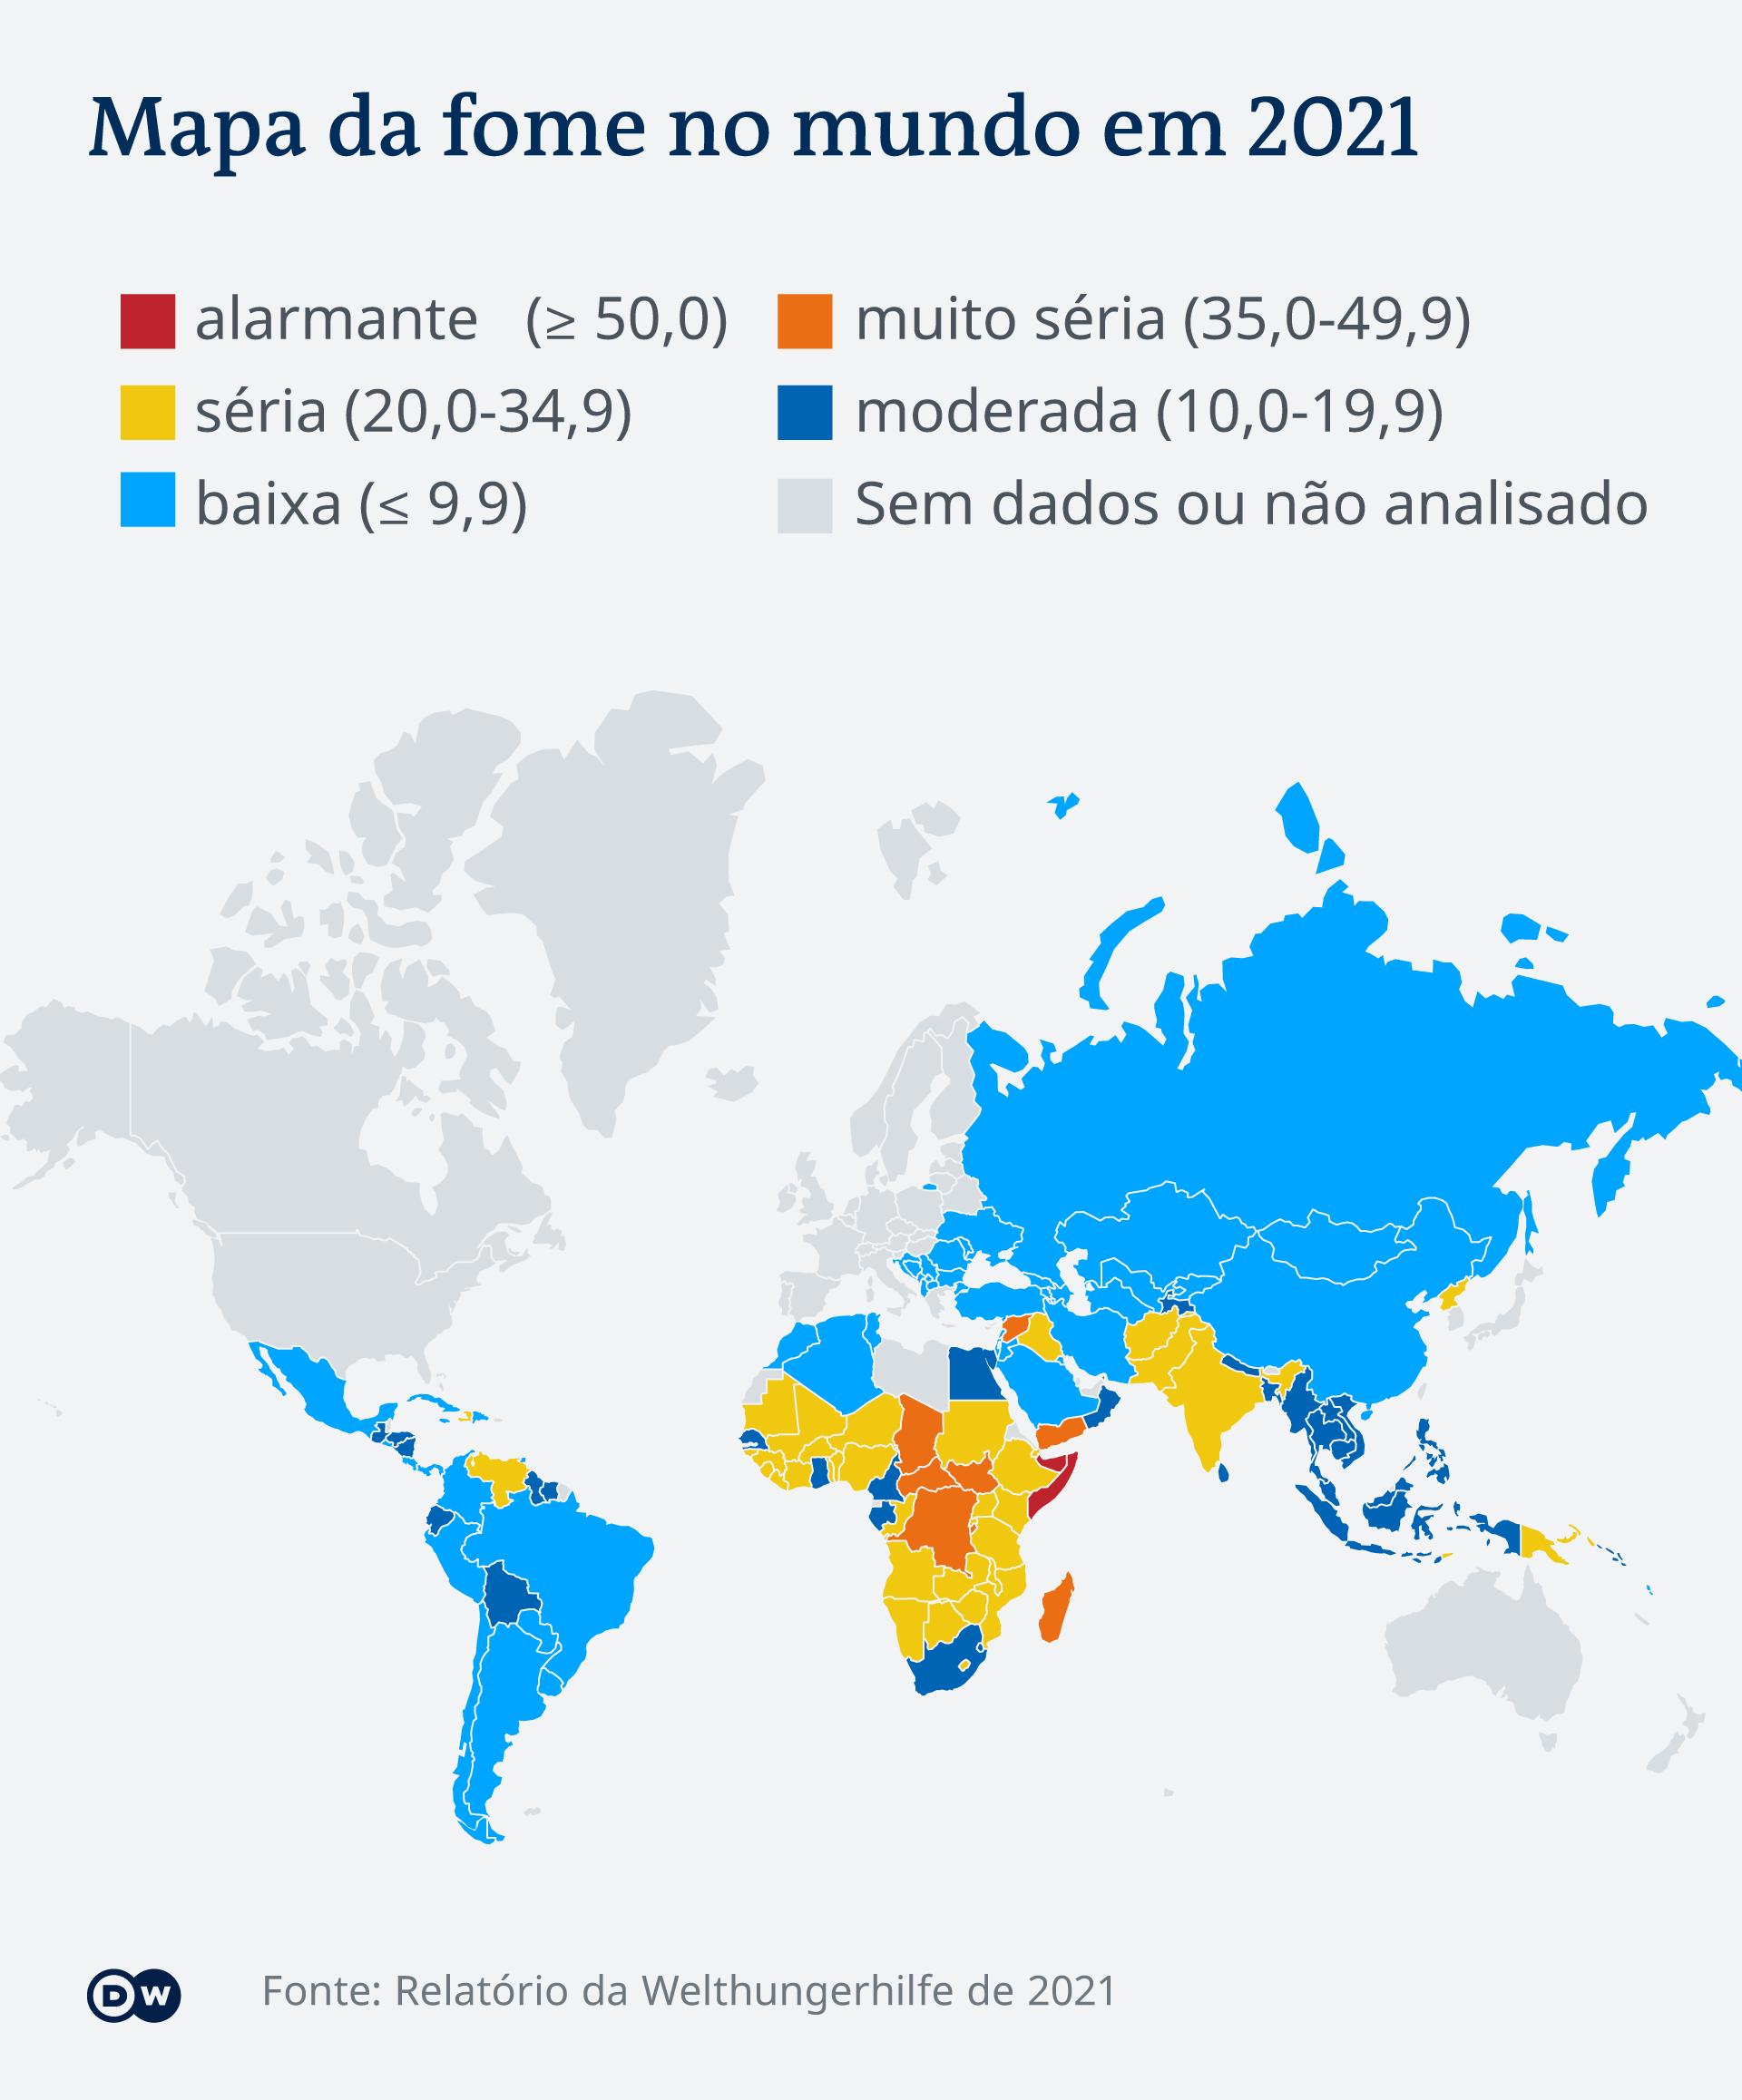 Mapa da fome do mundo em 2021